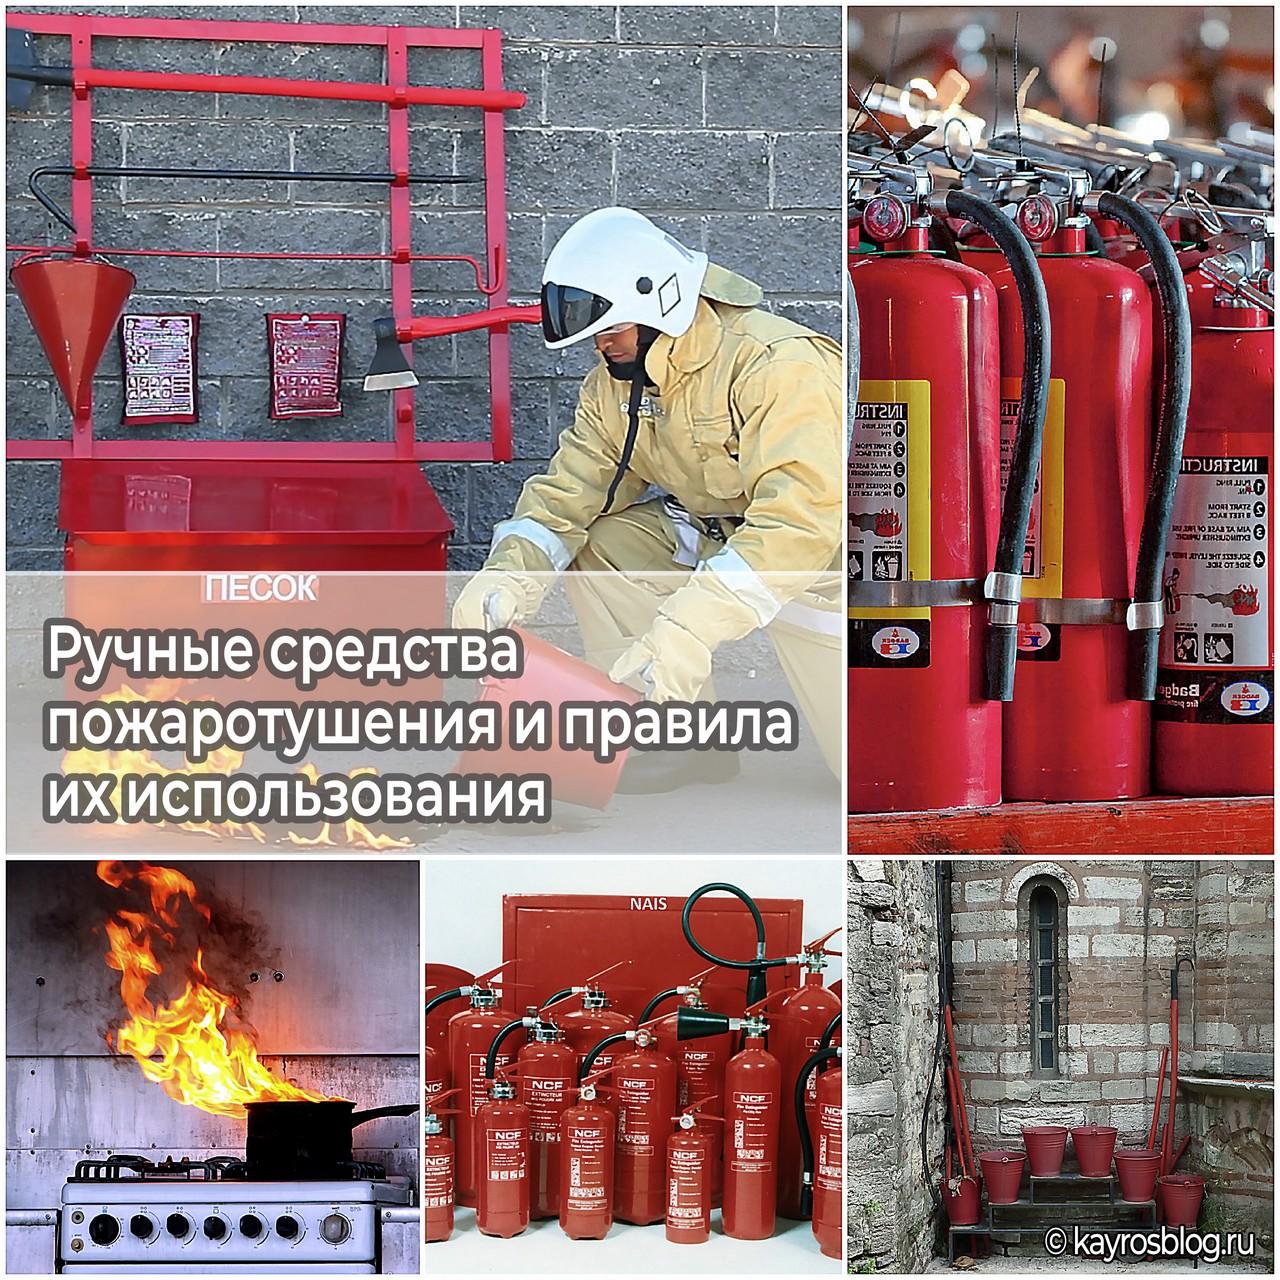 Ручные средства пожаротушения и правила их использования